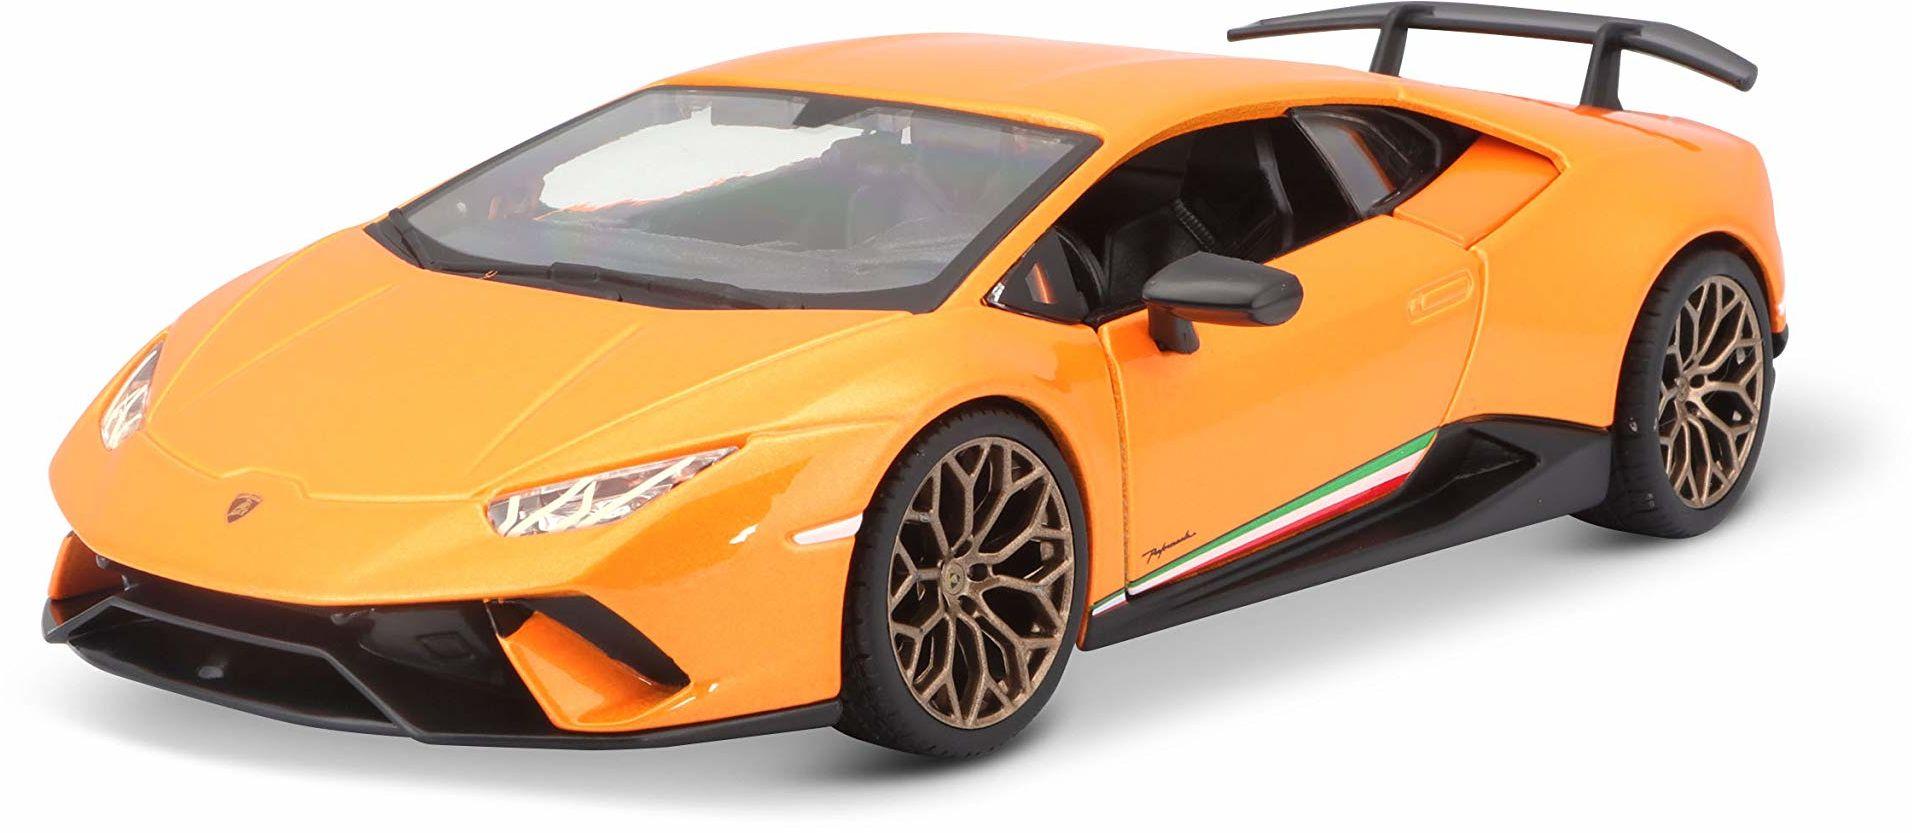 Bburago Lamborghini Huracan Performate: model samochodu w skali 1:24, otwieranie drzwi i bagażnika, 19 cm, pomarańczowy (18-21092OR)